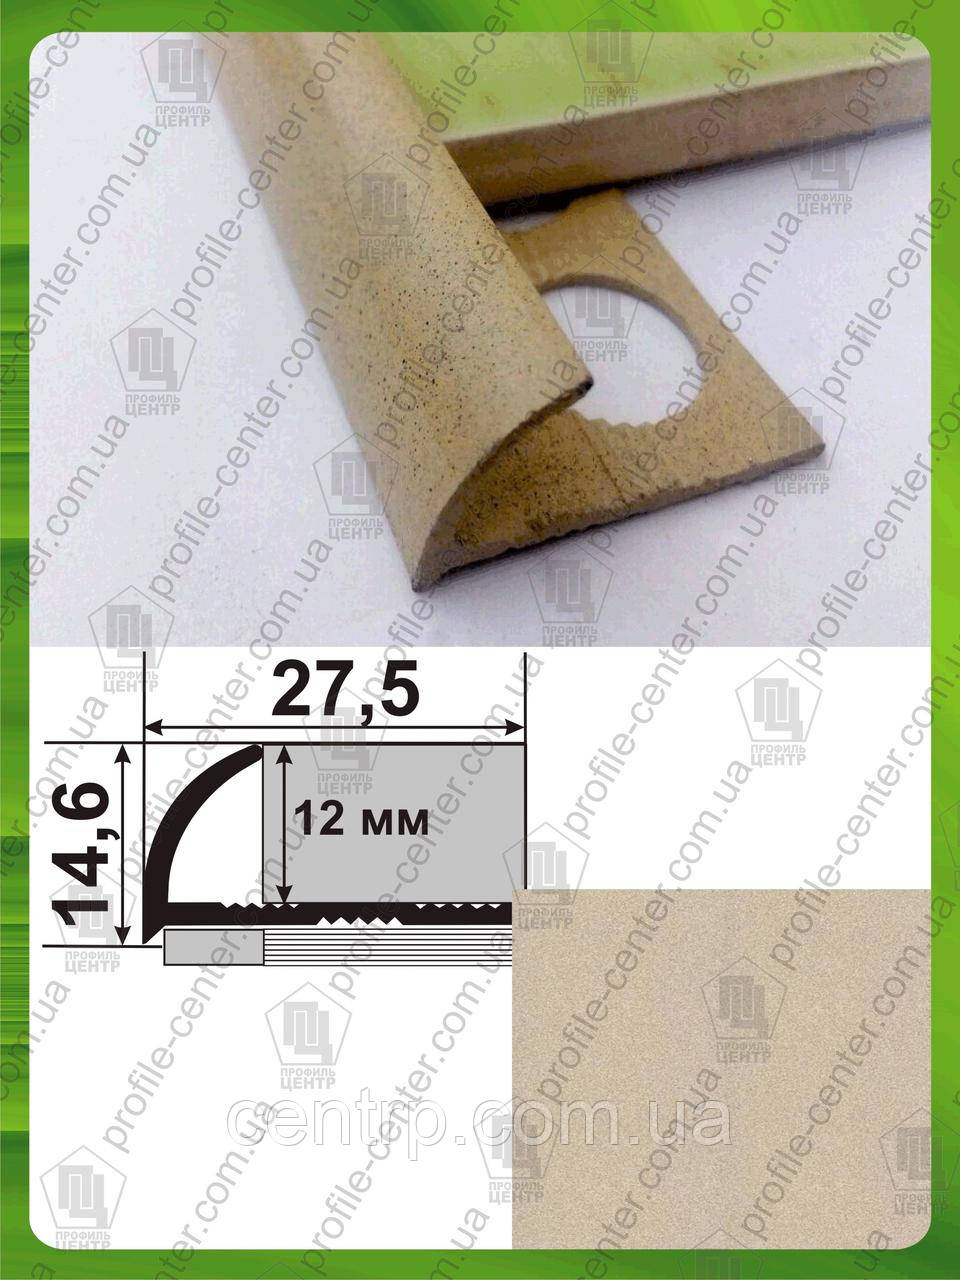 Наружный алюминиевый угол для плитки до 12 мм  L-2,7м. НАП 12 Песок (краш)